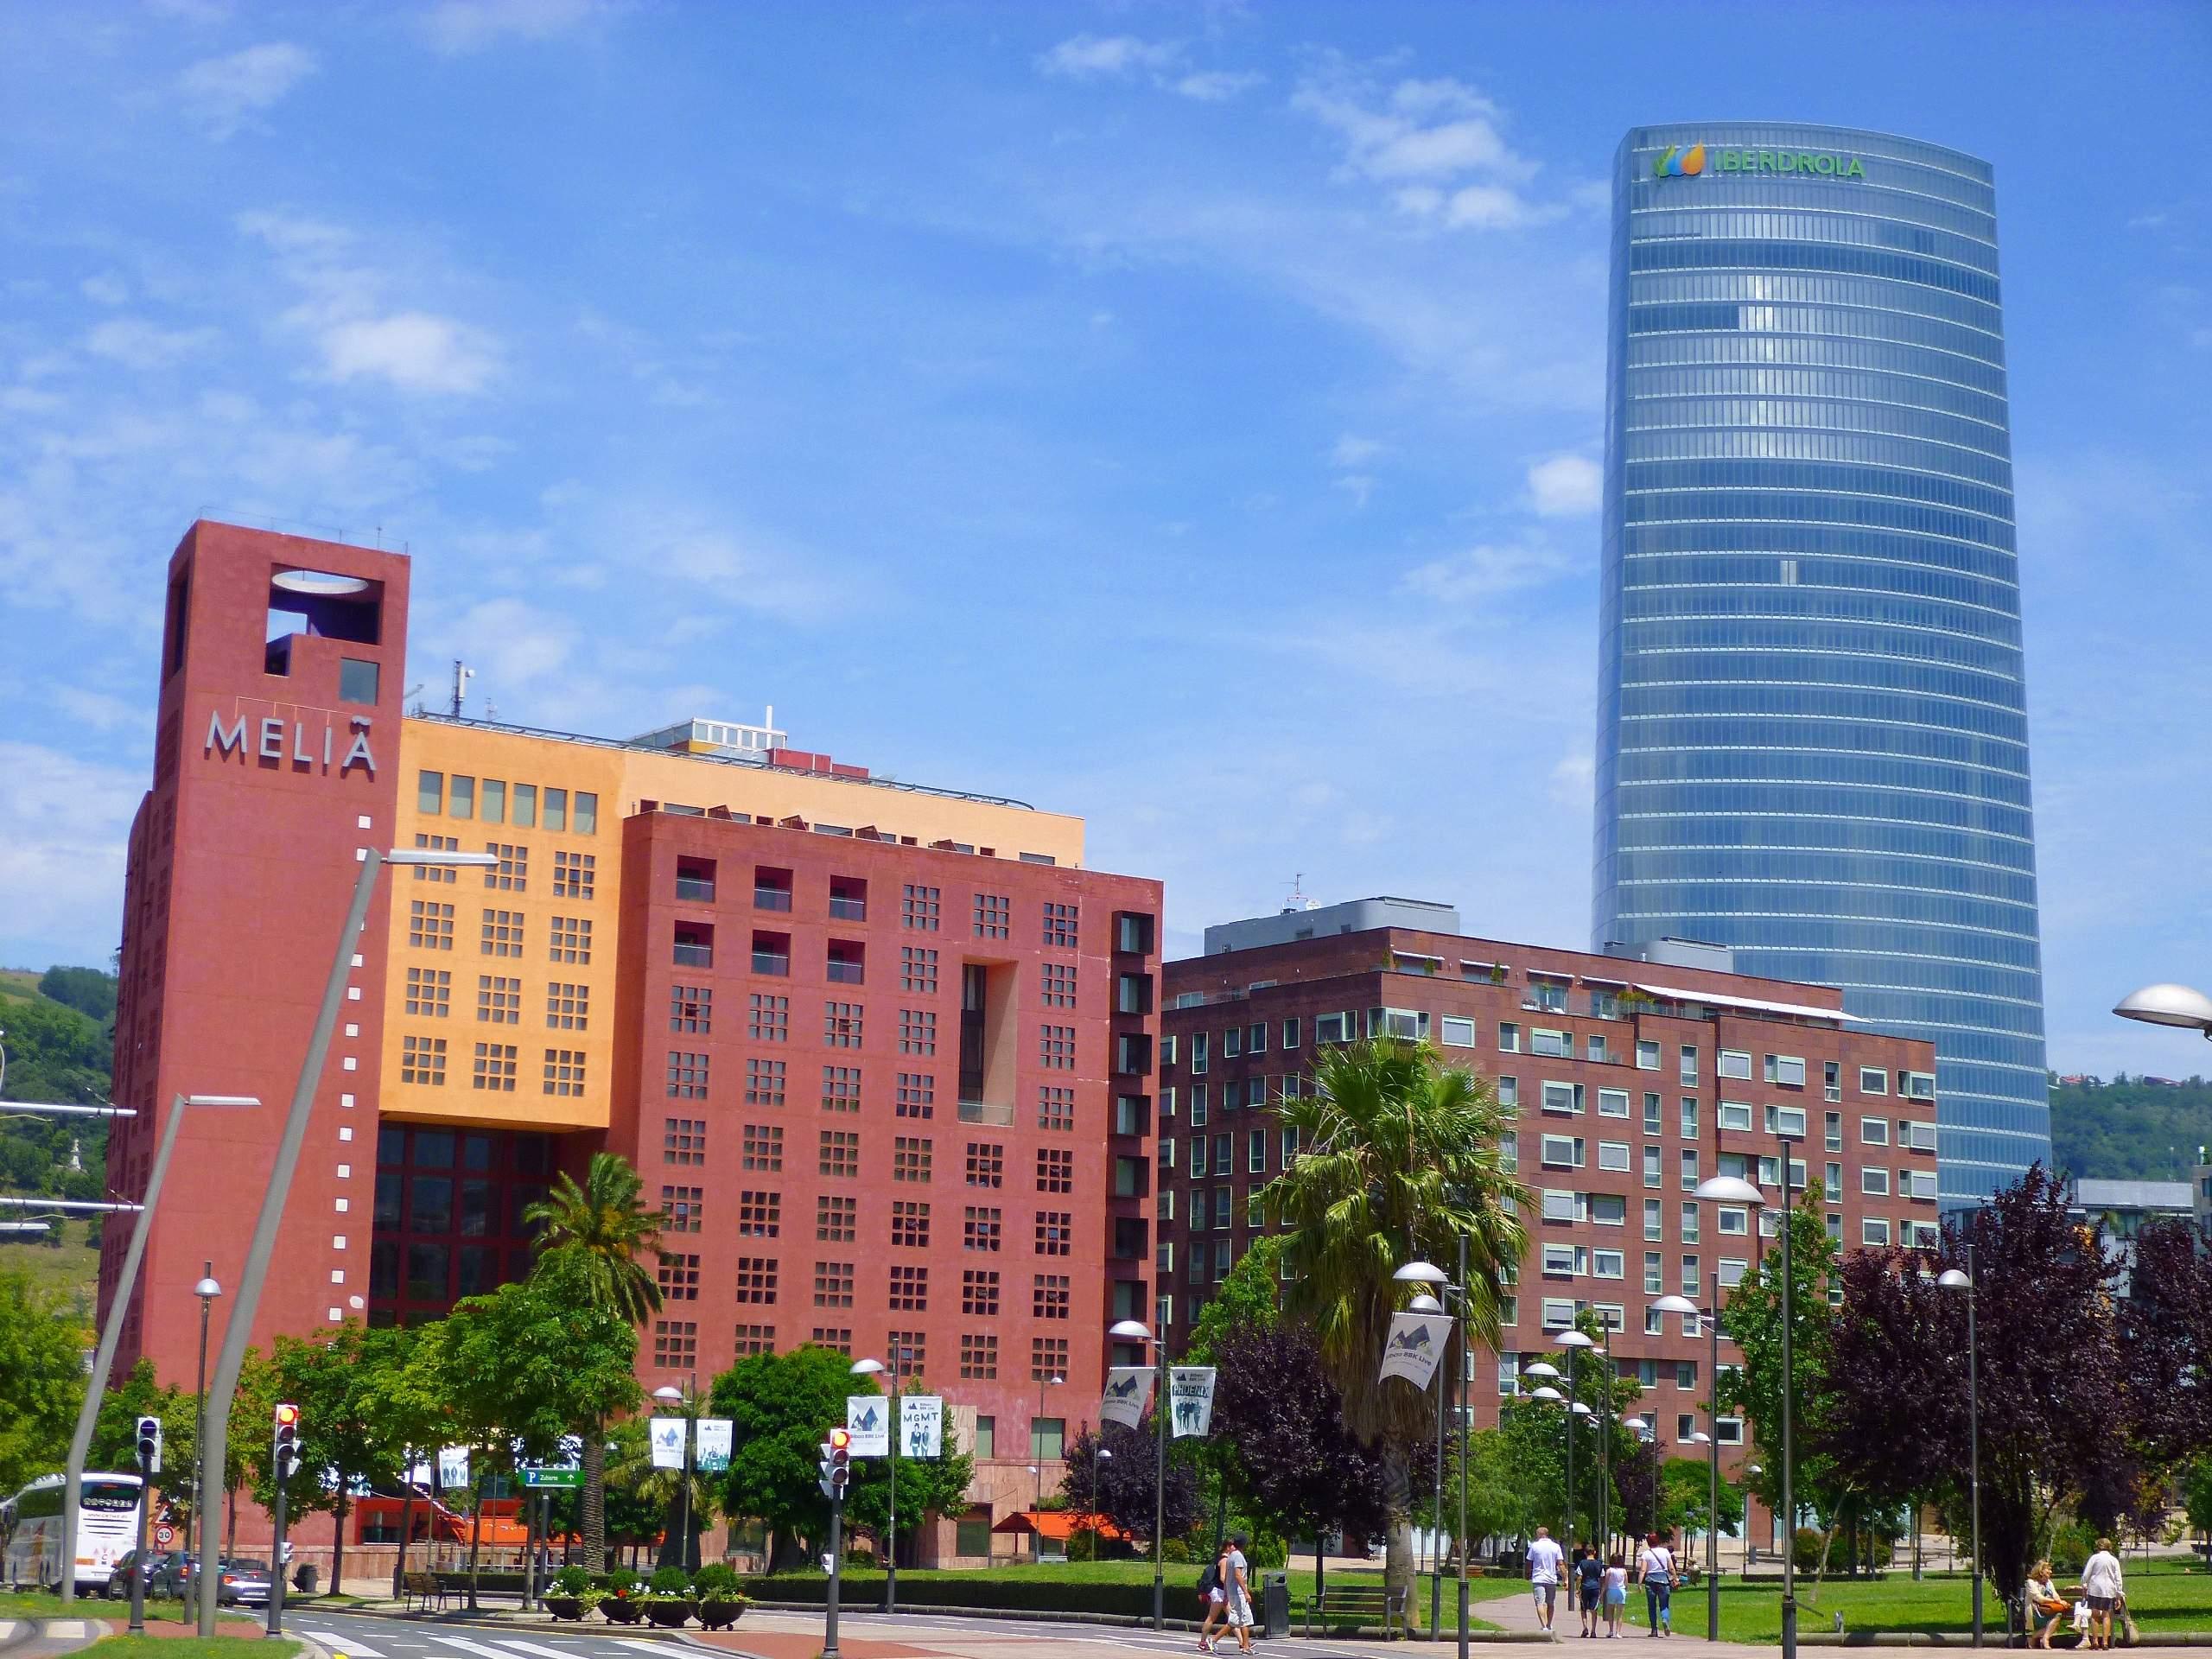 Bilbao_-_Hotel_Meliá_y_Torre_Iberdrola.jpg